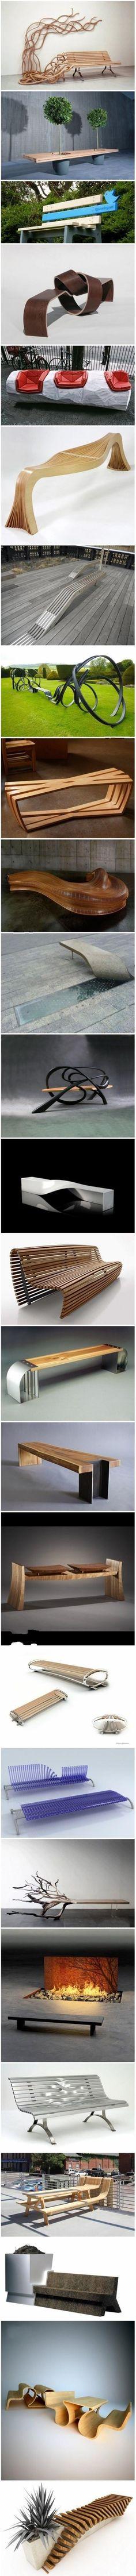 26 excellent public benches design